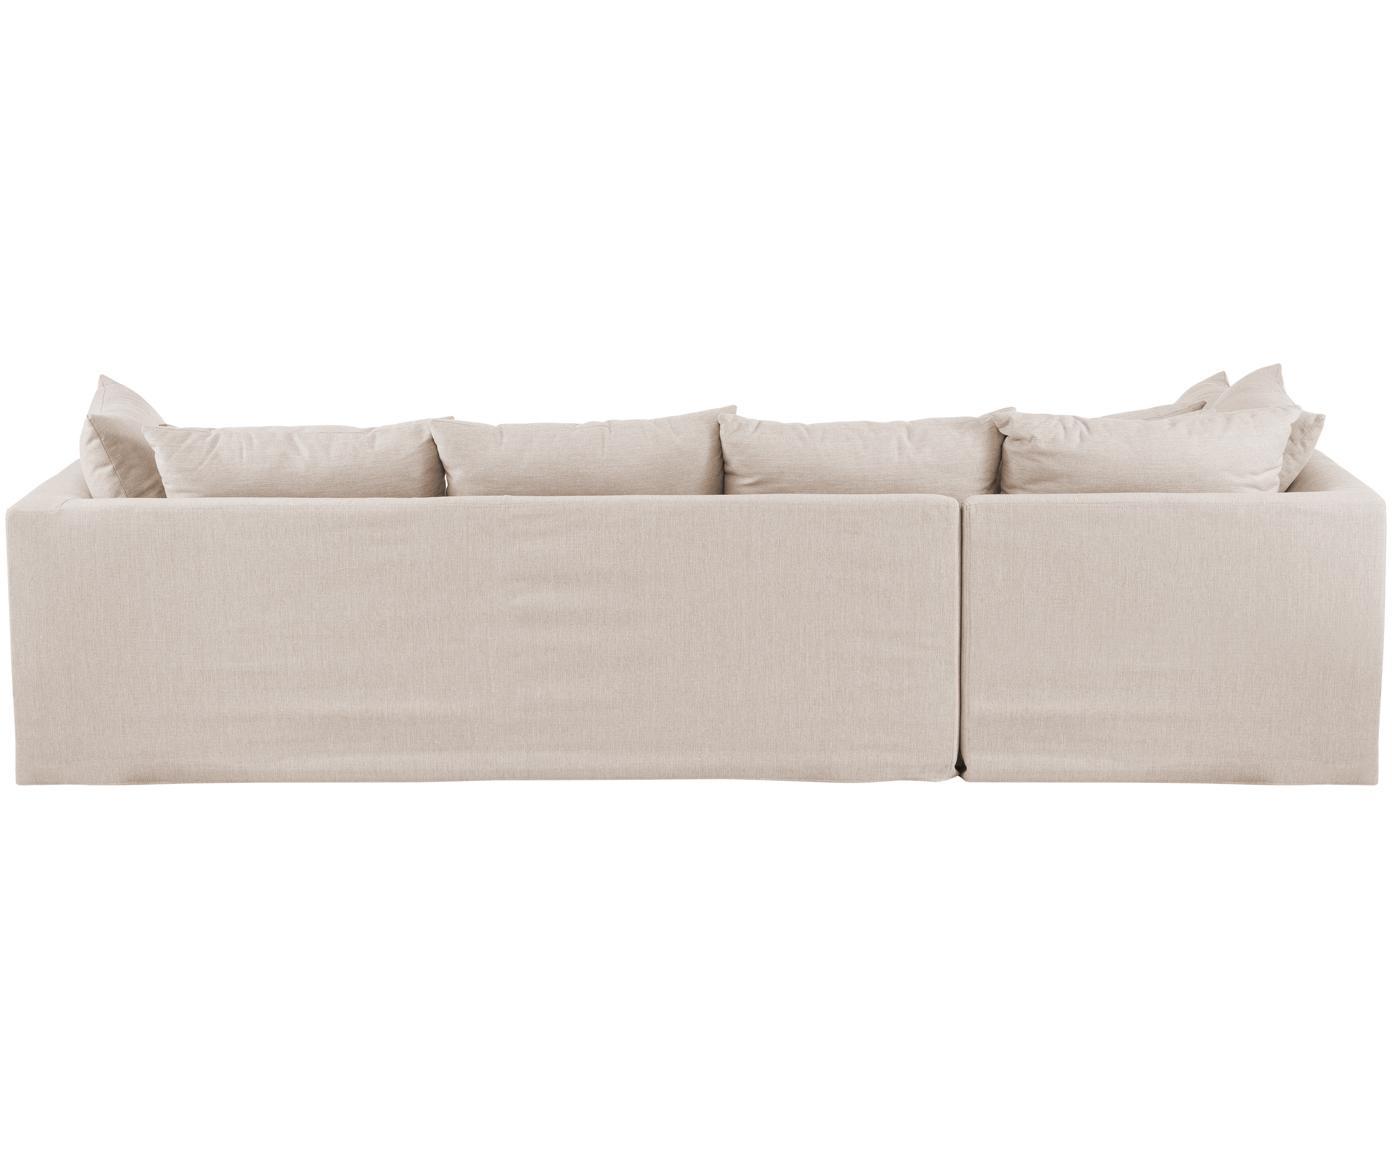 Sofa narożna Zach, Tapicerka: polipropylen, Nogi: tworzywo sztuczne, Beżowy, S 300 x G 213 cm